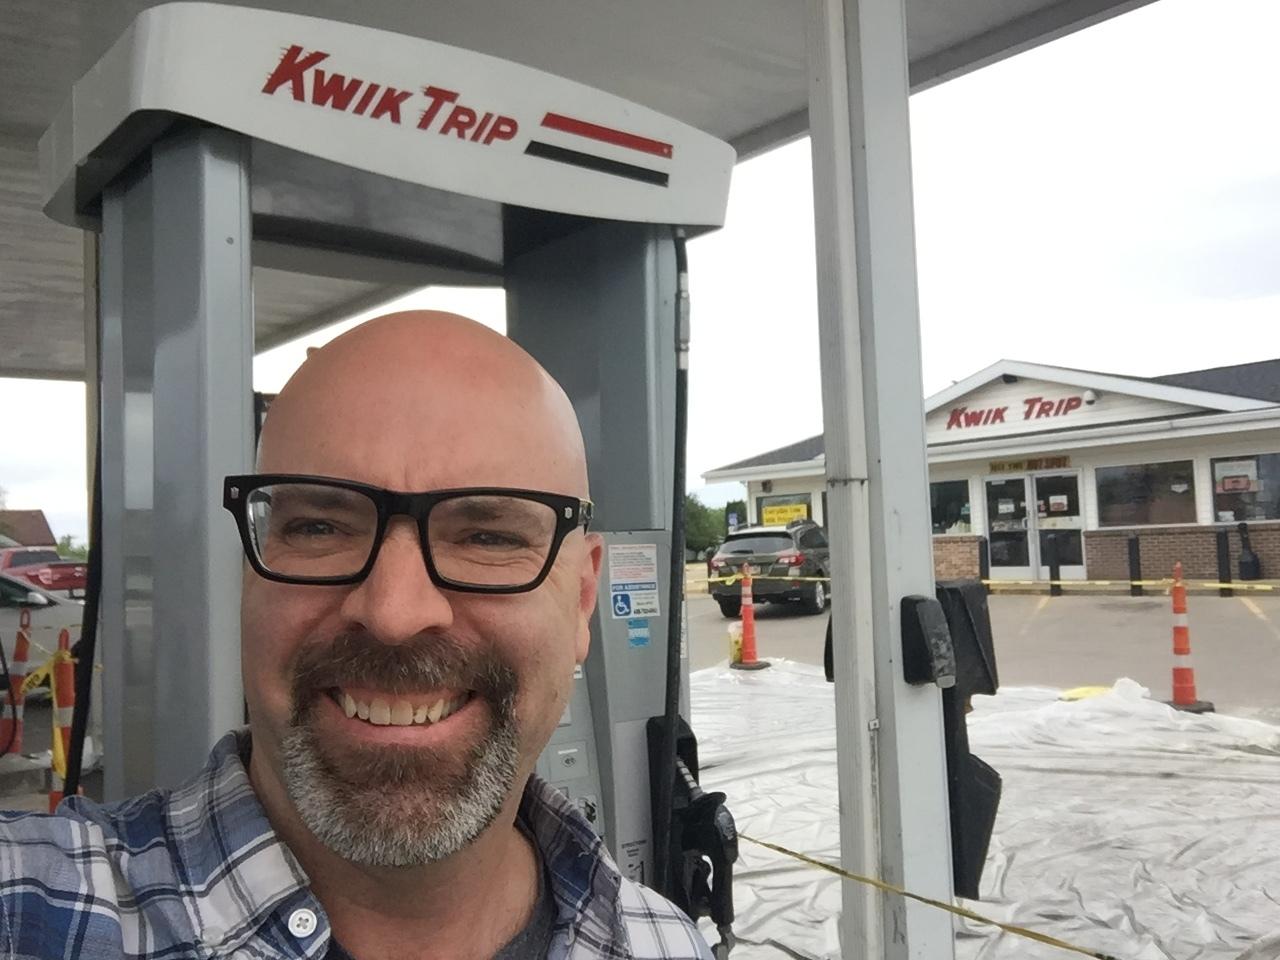 Finally! Kwik Trip. (with a K)